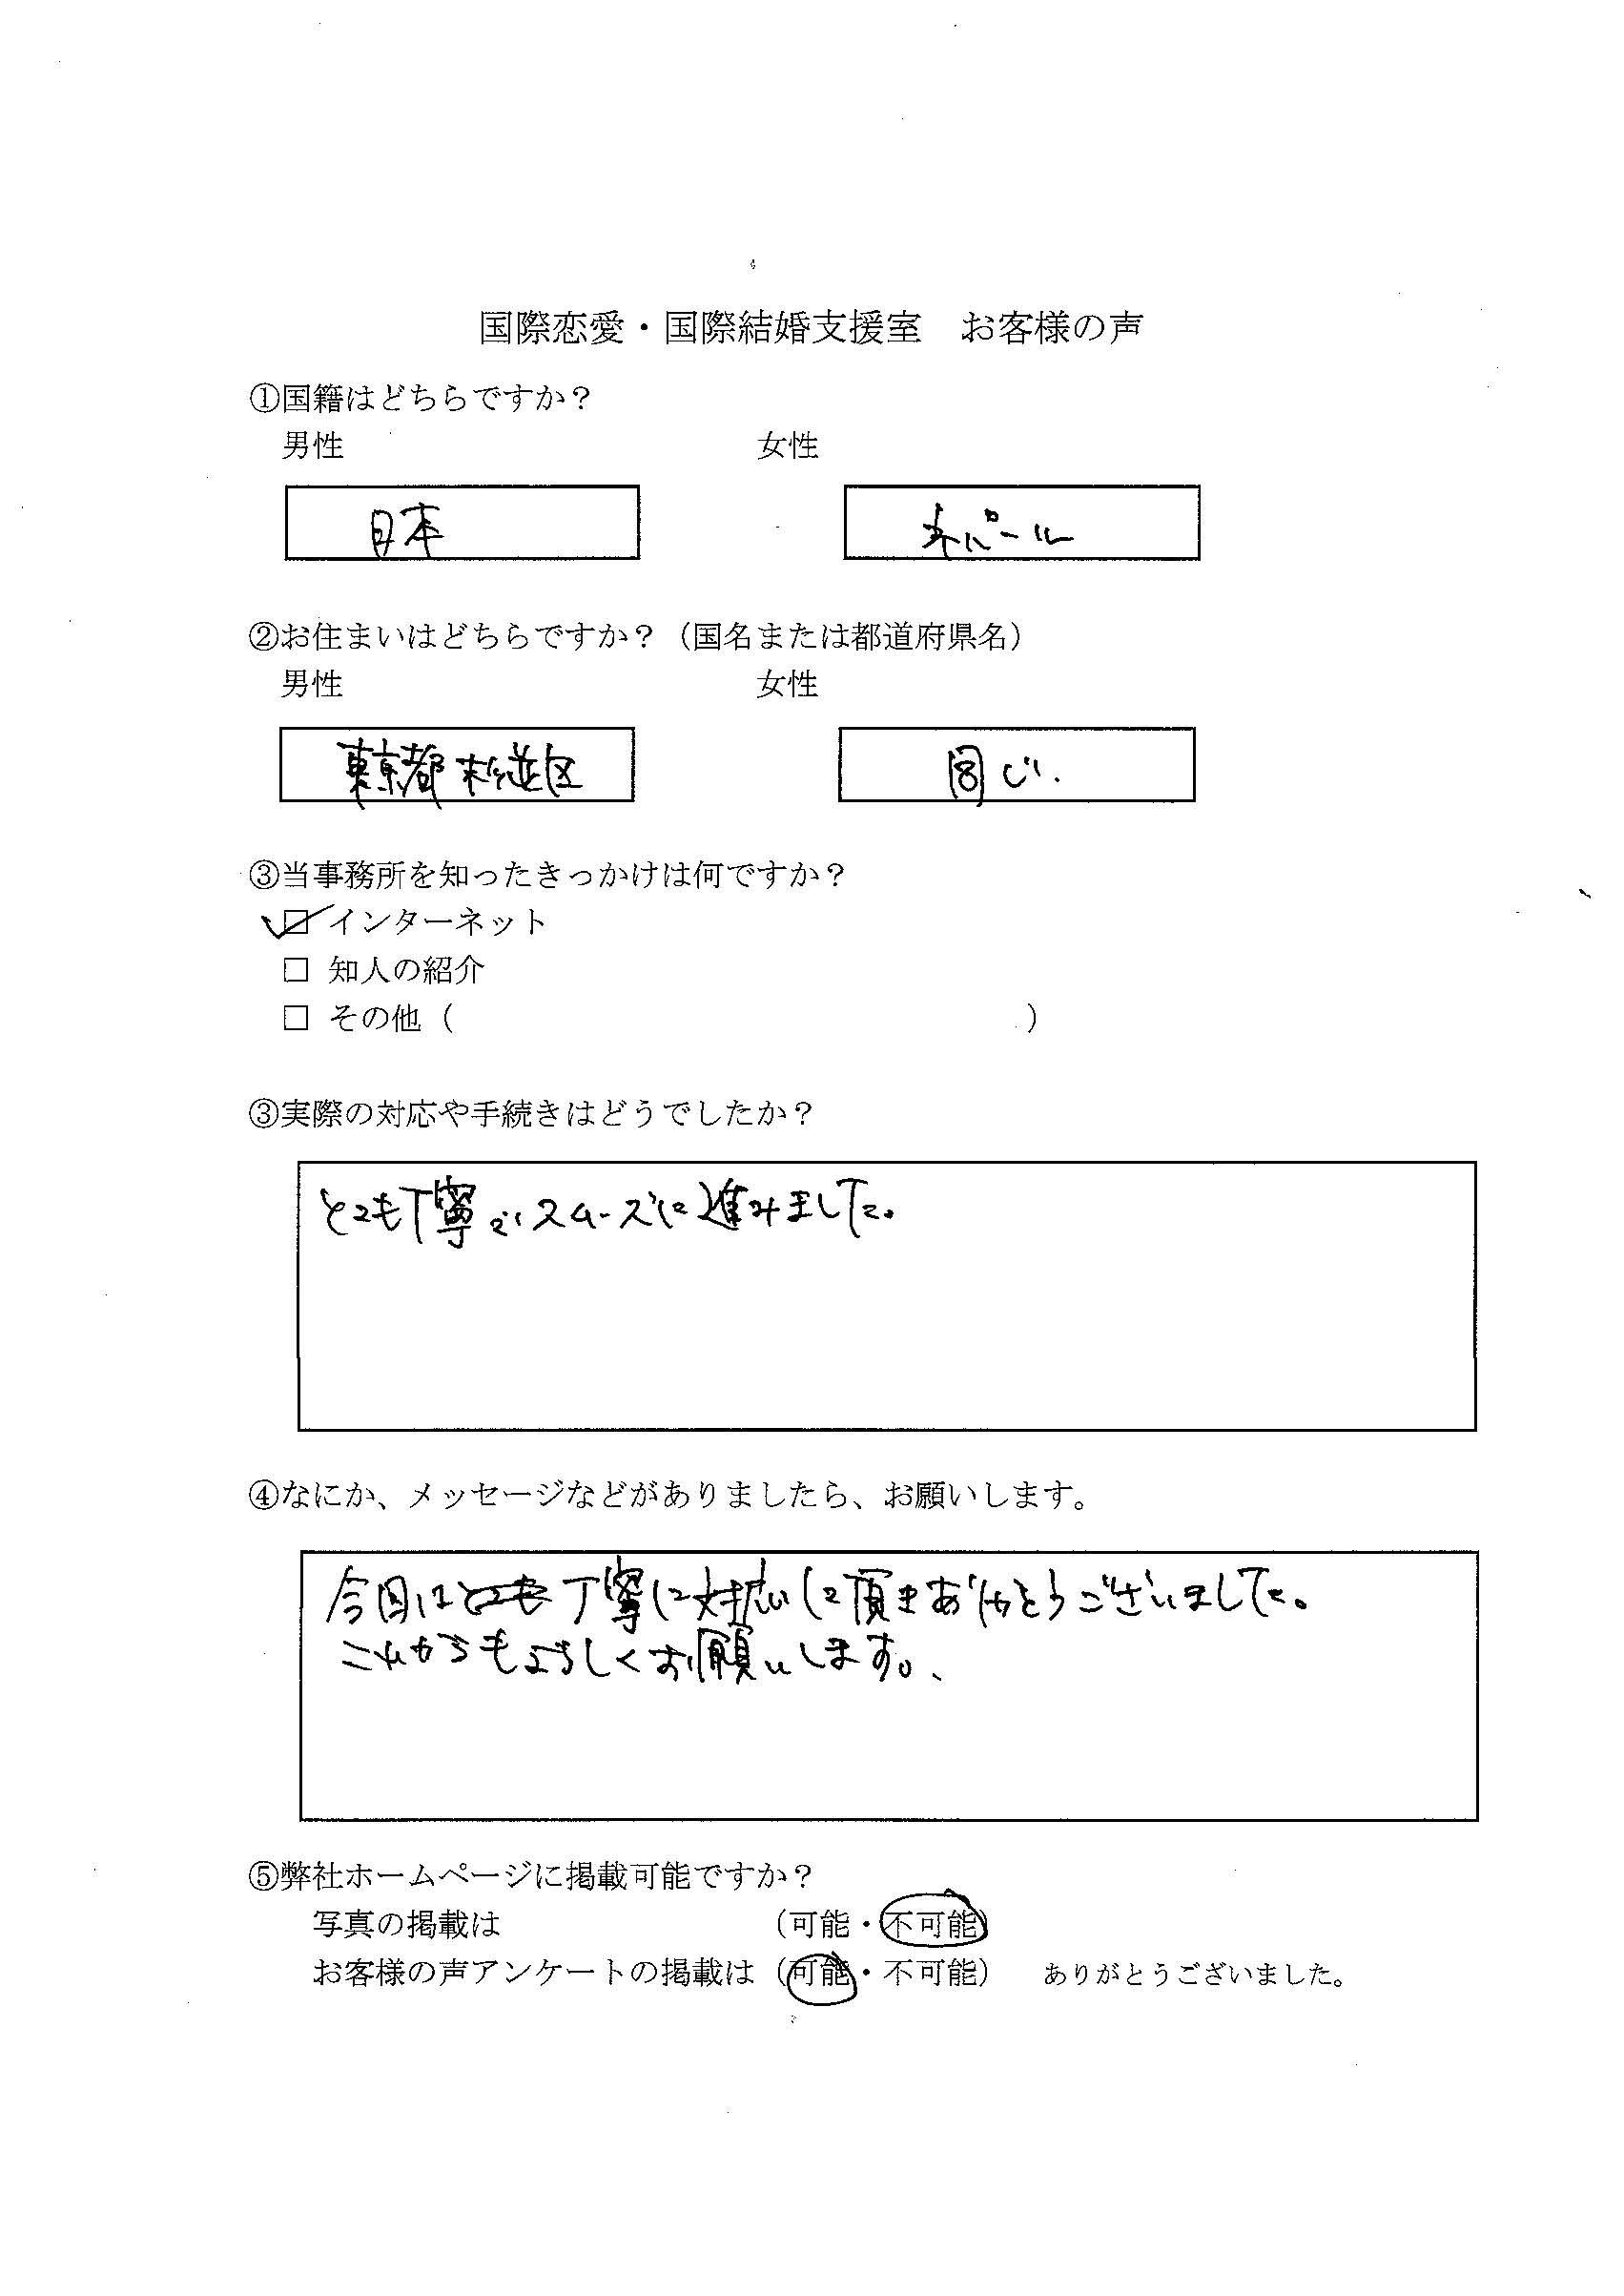 留学⇒日本人配偶者等 在留資格変更許可申請